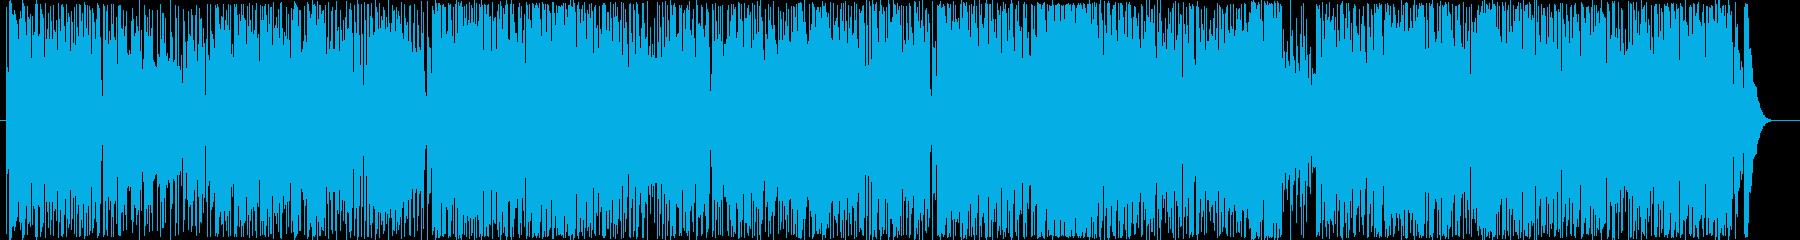 爽やかで疾走感のあるアコギのBGM2の再生済みの波形